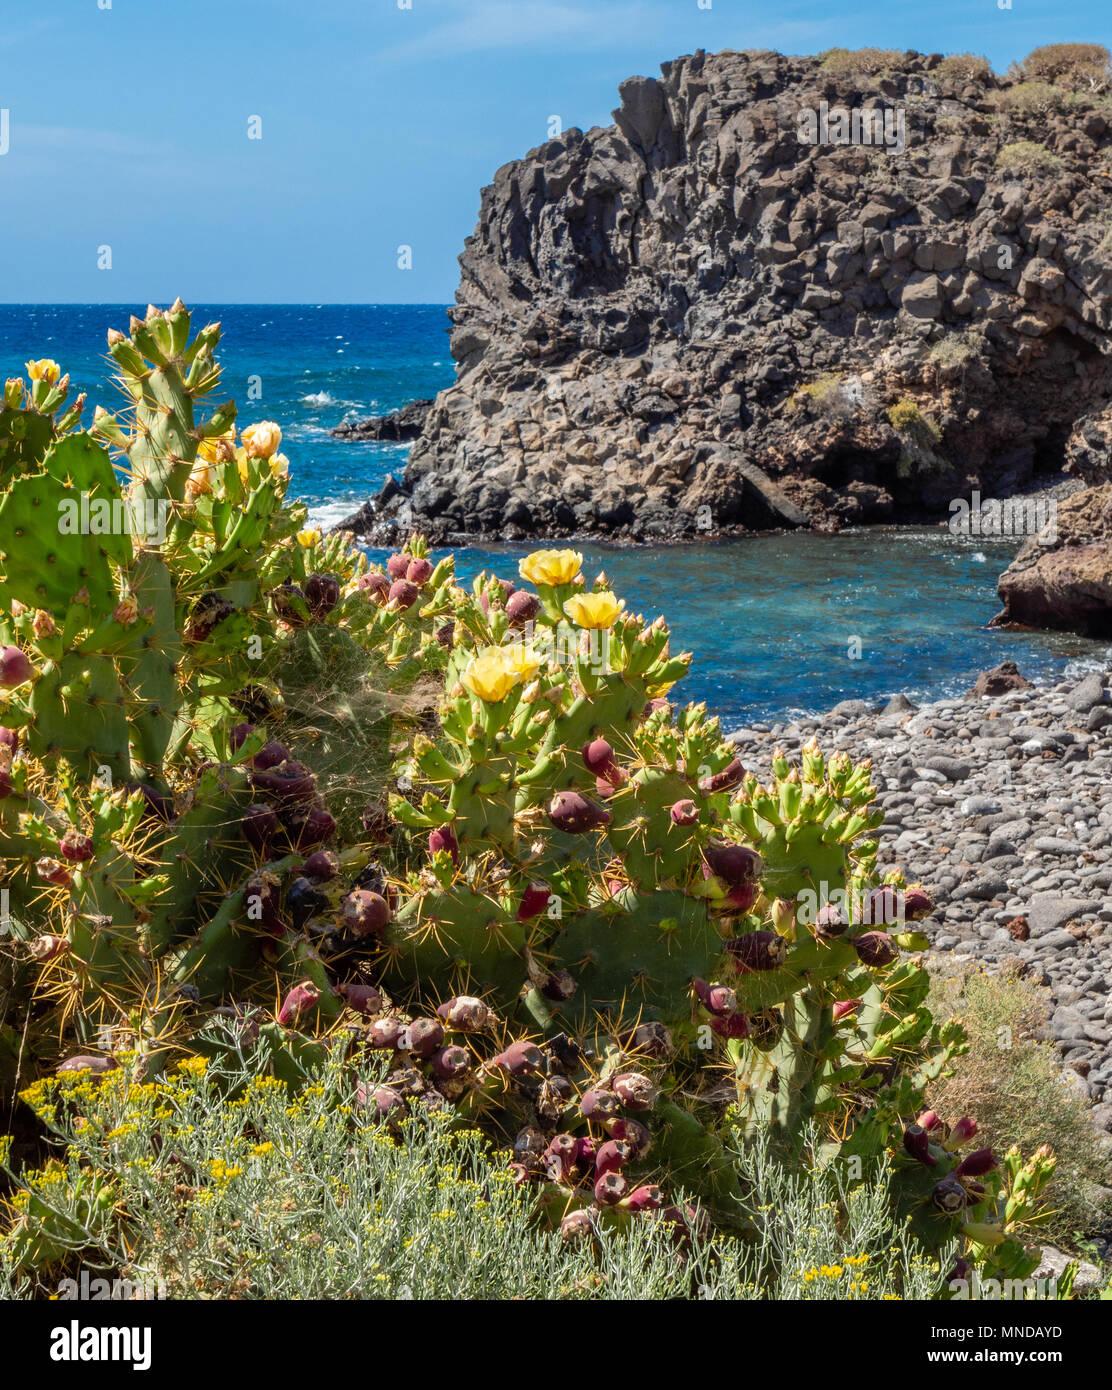 Gelb blühenden Prickly Pear cactus Opuntia dillenii stricta wächst an der felsigen Küste im Süden von Teneriffa auf den Kanarischen Inseln Stockfoto